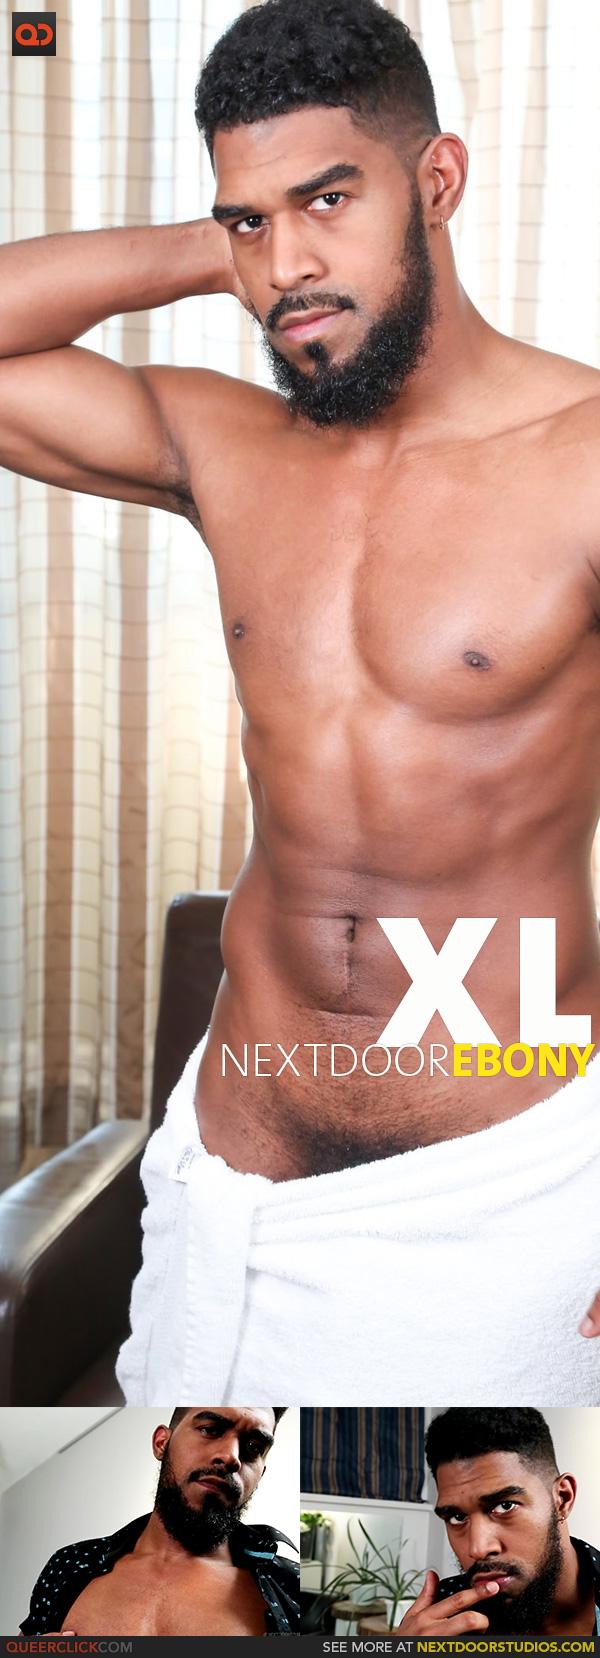 Next Door Studios: XL